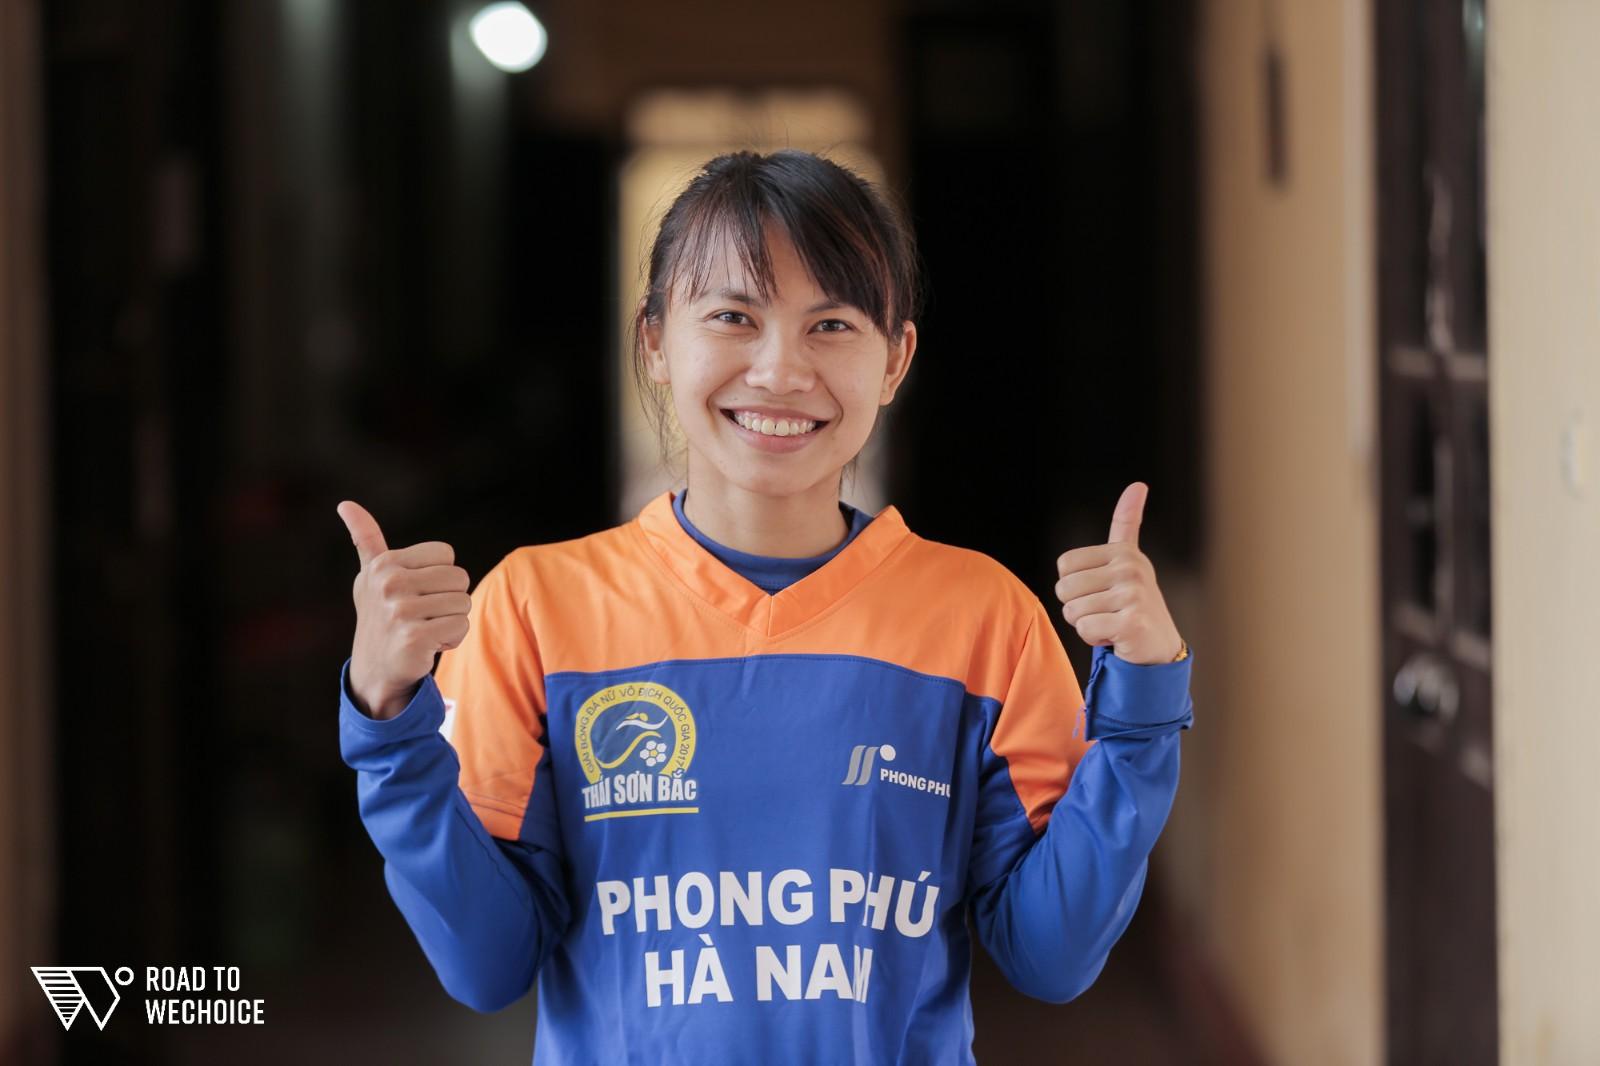 Nguyễn Thị Liễu: Cô gái mồ côi trở thành người hùng của bóng đá nữ Việt Nam - Ảnh 3.